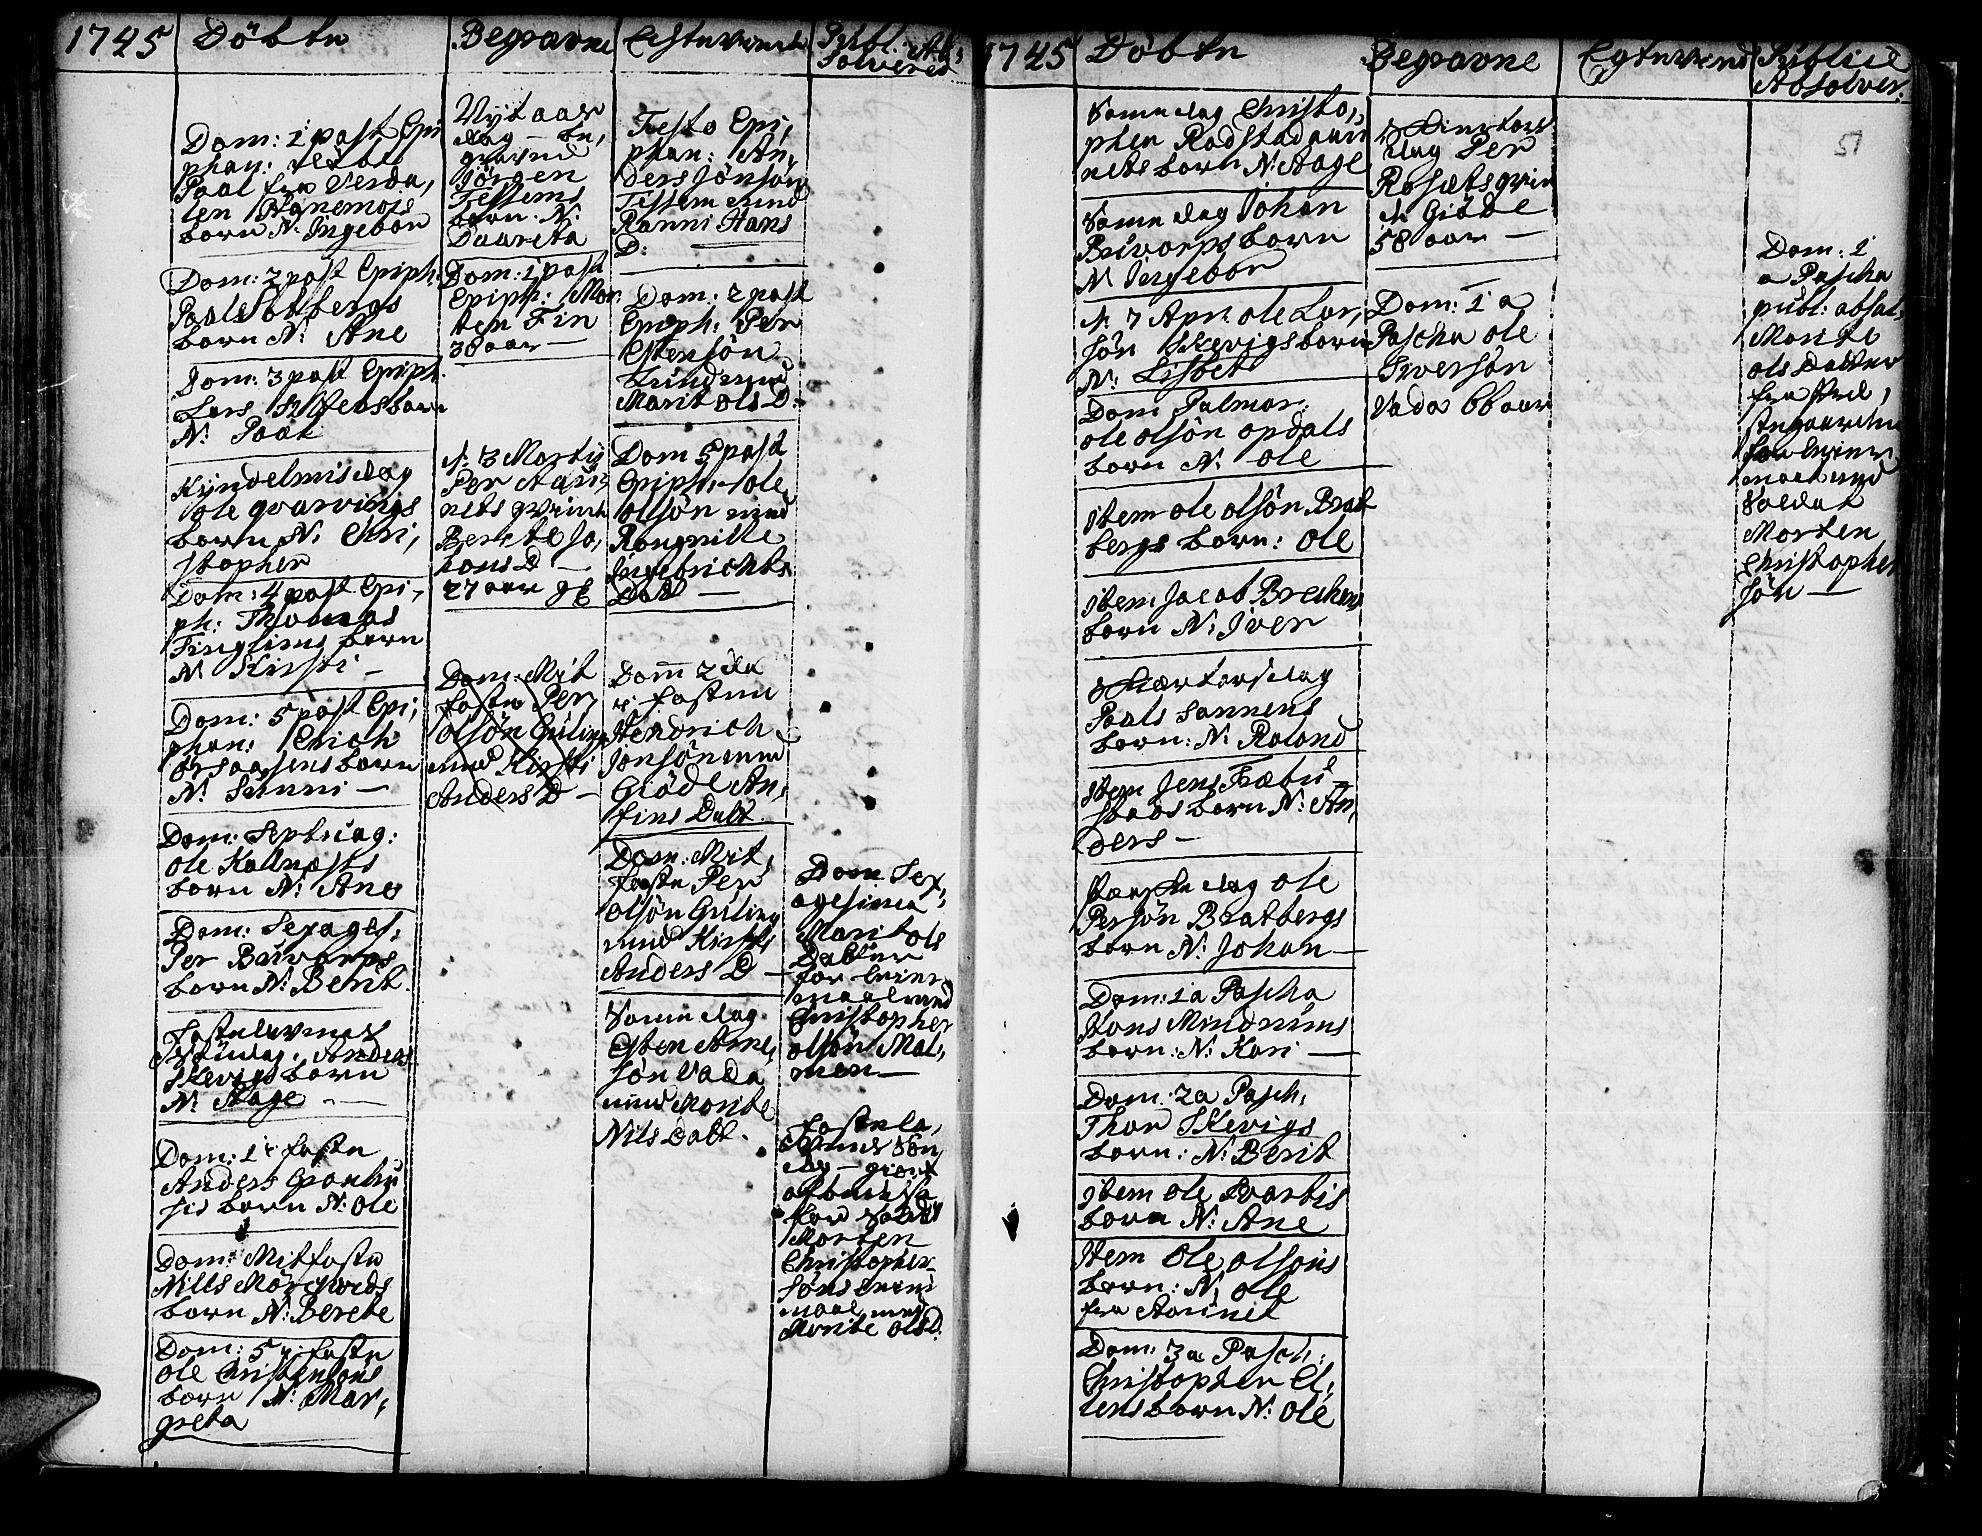 SAT, Ministerialprotokoller, klokkerbøker og fødselsregistre - Nord-Trøndelag, 741/L0385: Ministerialbok nr. 741A01, 1722-1815, s. 51